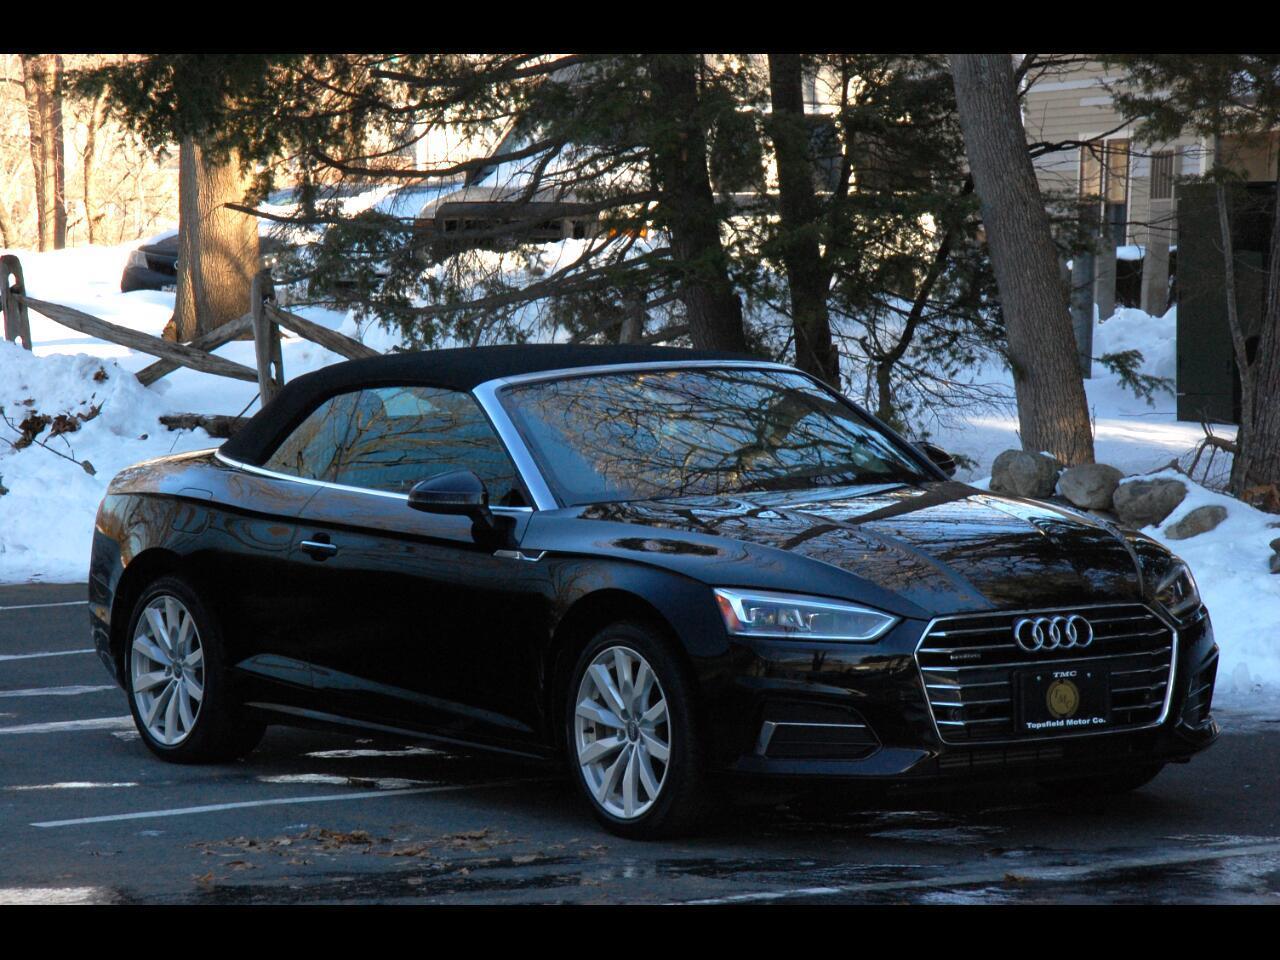 2018 Audi A5 Cabriolet Premium Plus